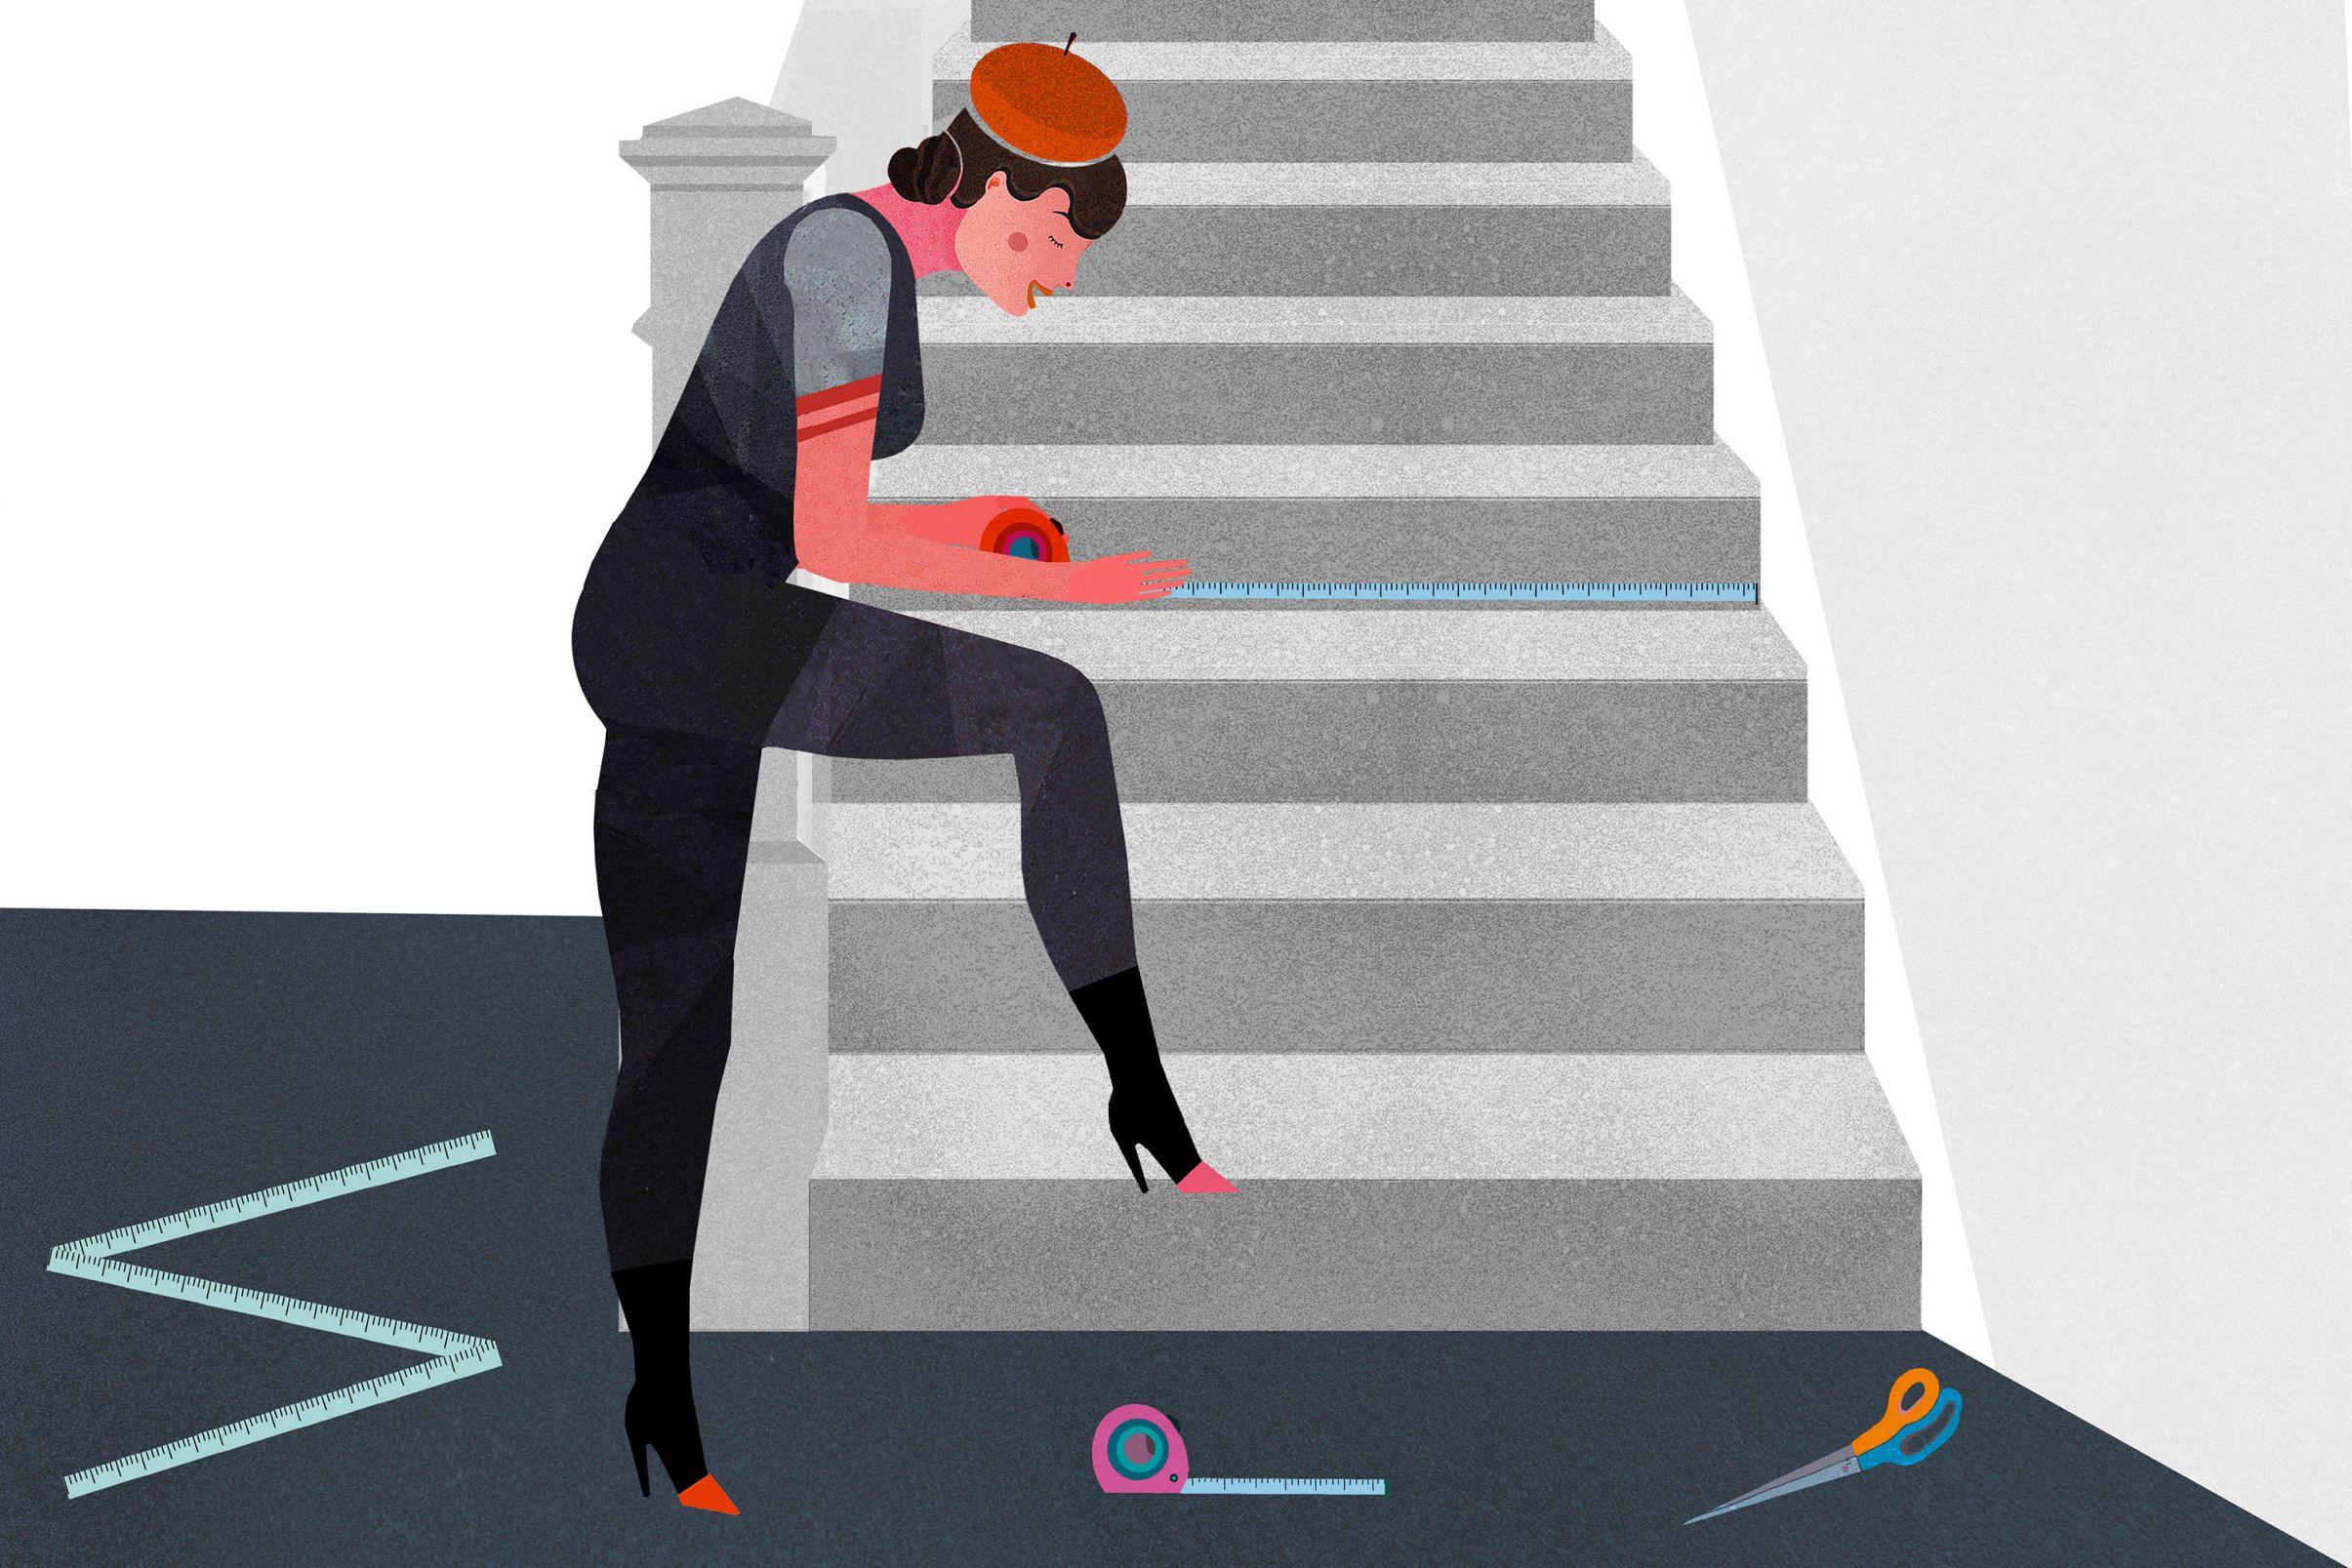 Como-embelezar-escadas-com-papel-de-parede-Medir-a-parte-frontal-das-escadas